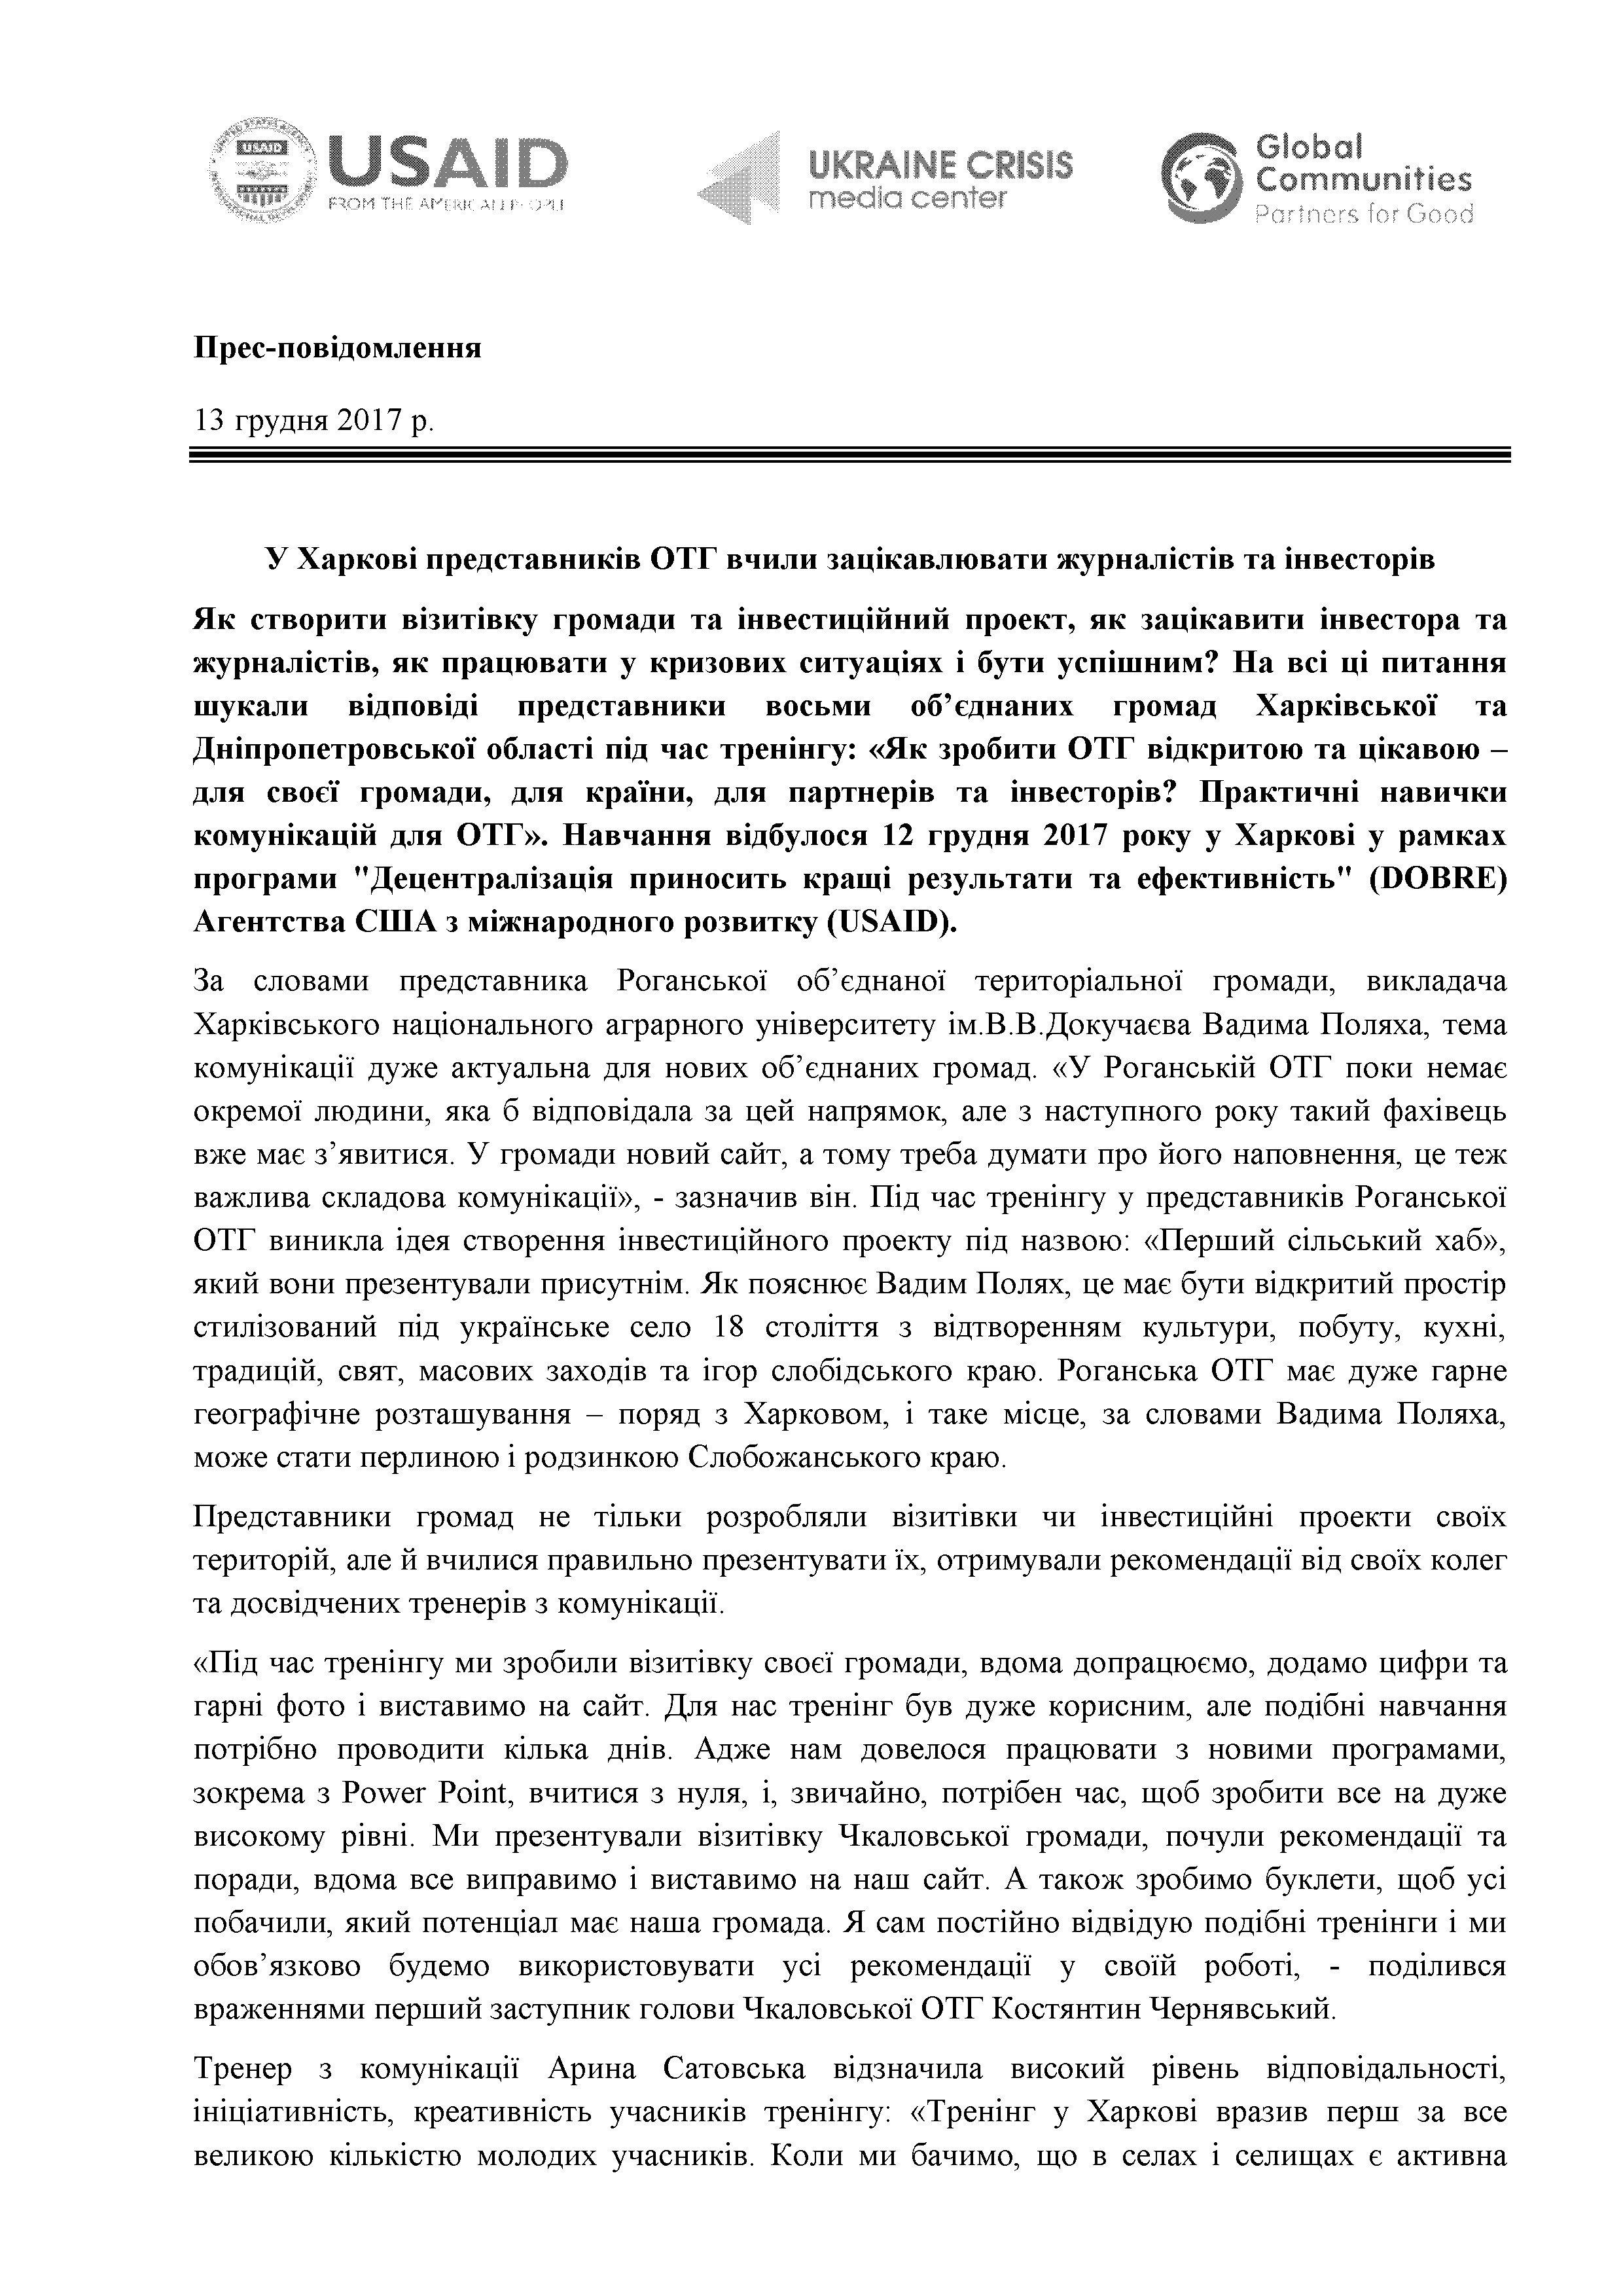 Прес-реліз тренінг у Харкові 12 грудня _1_